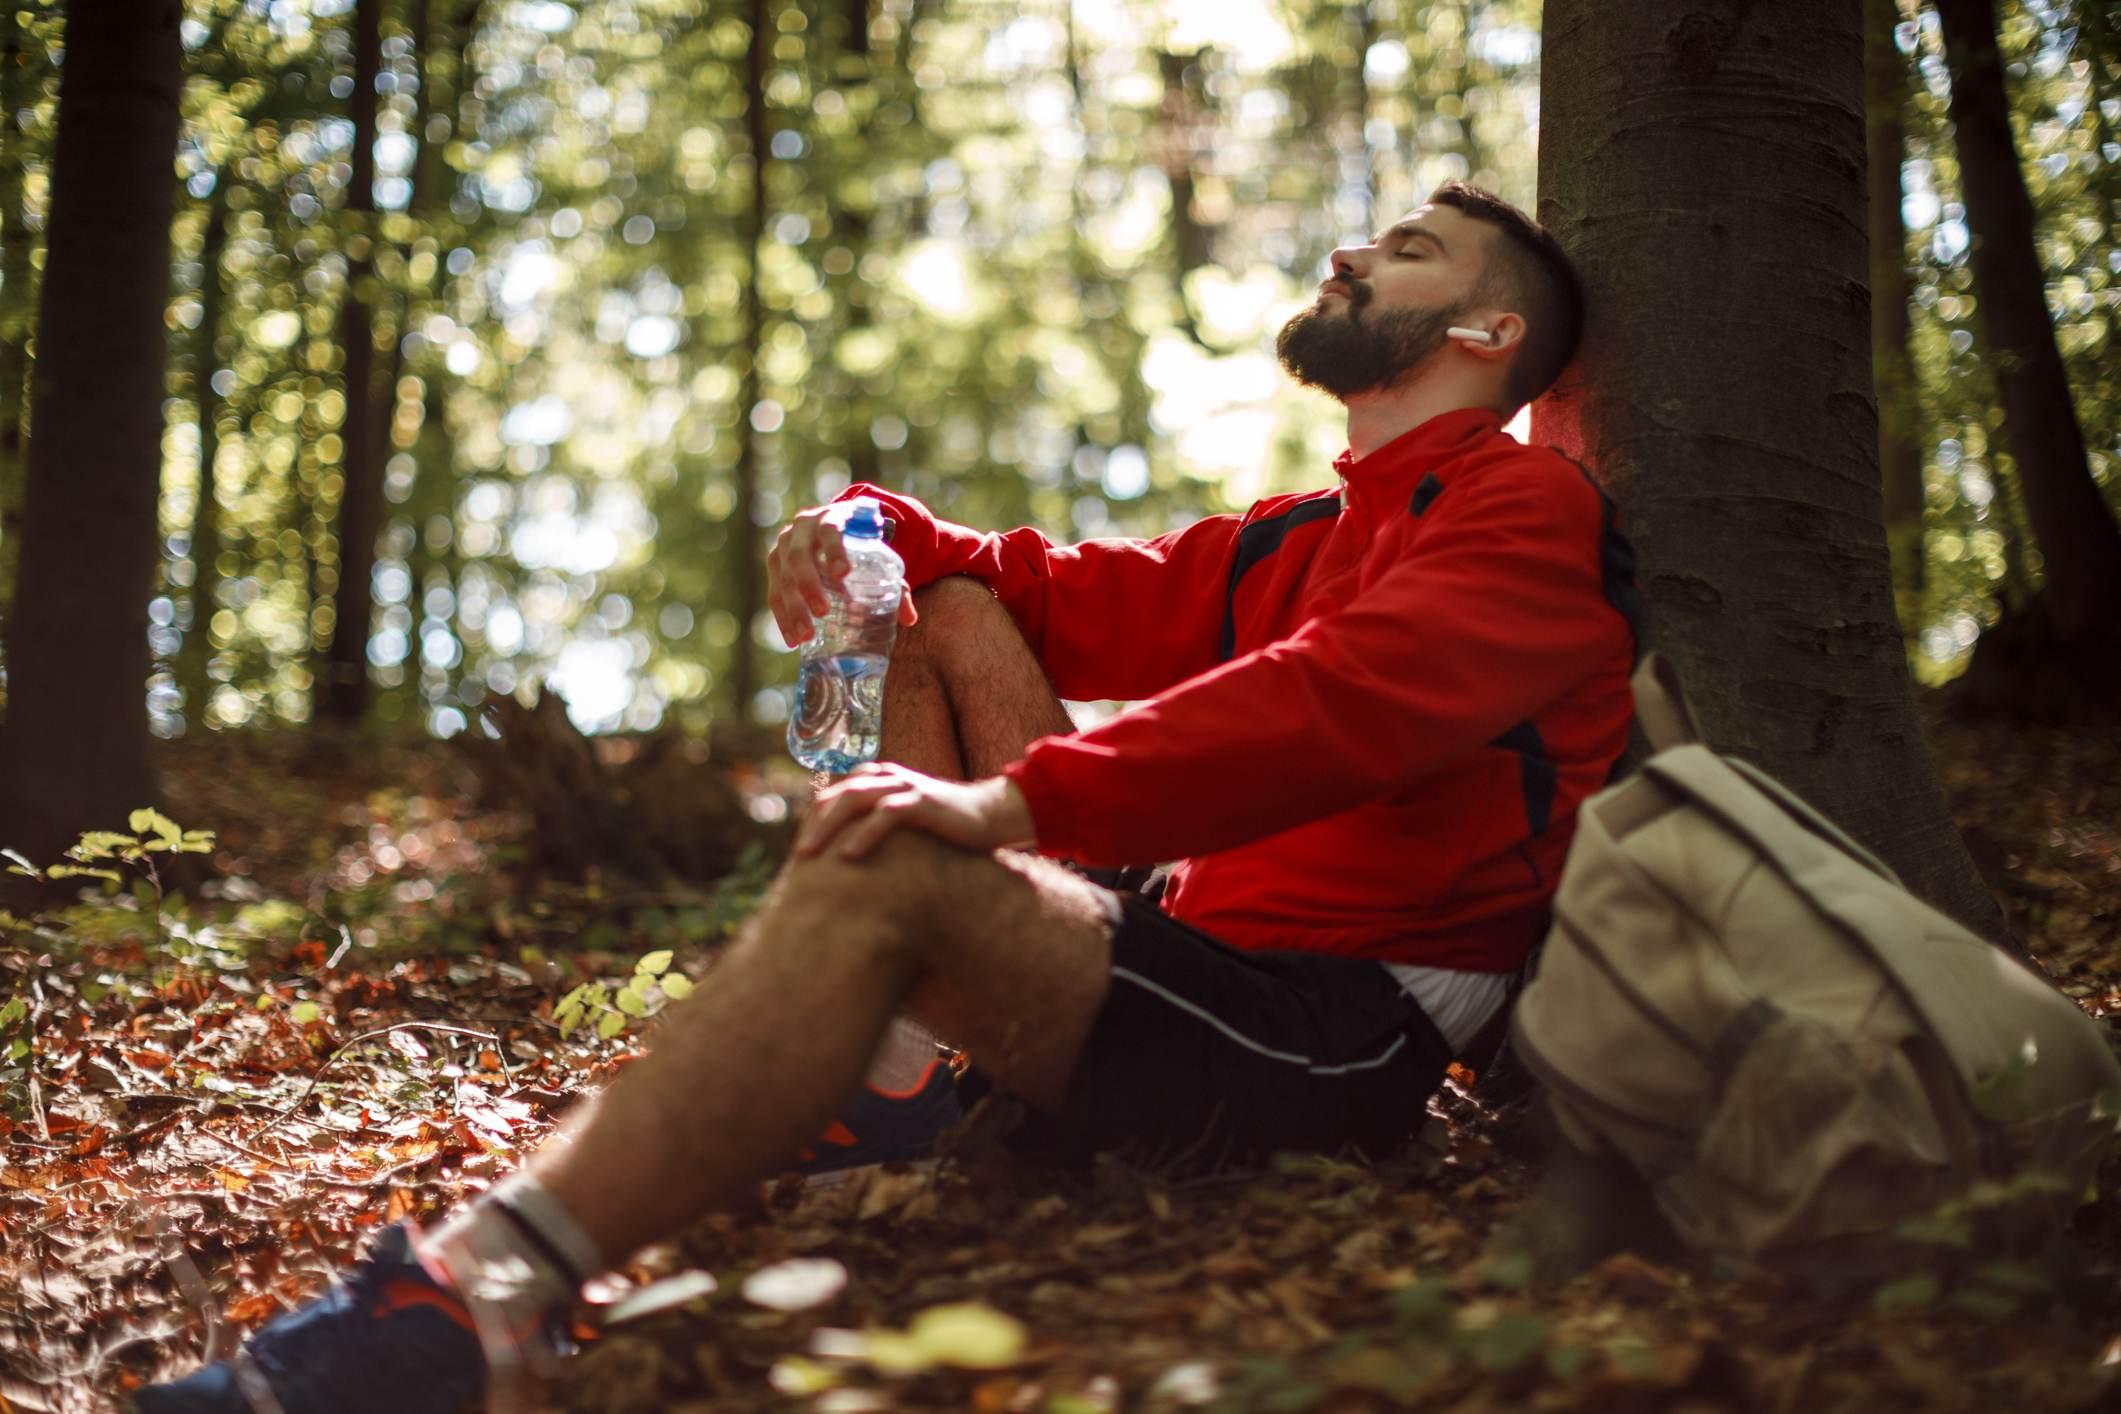 Respiração ajuda no controle do estresse